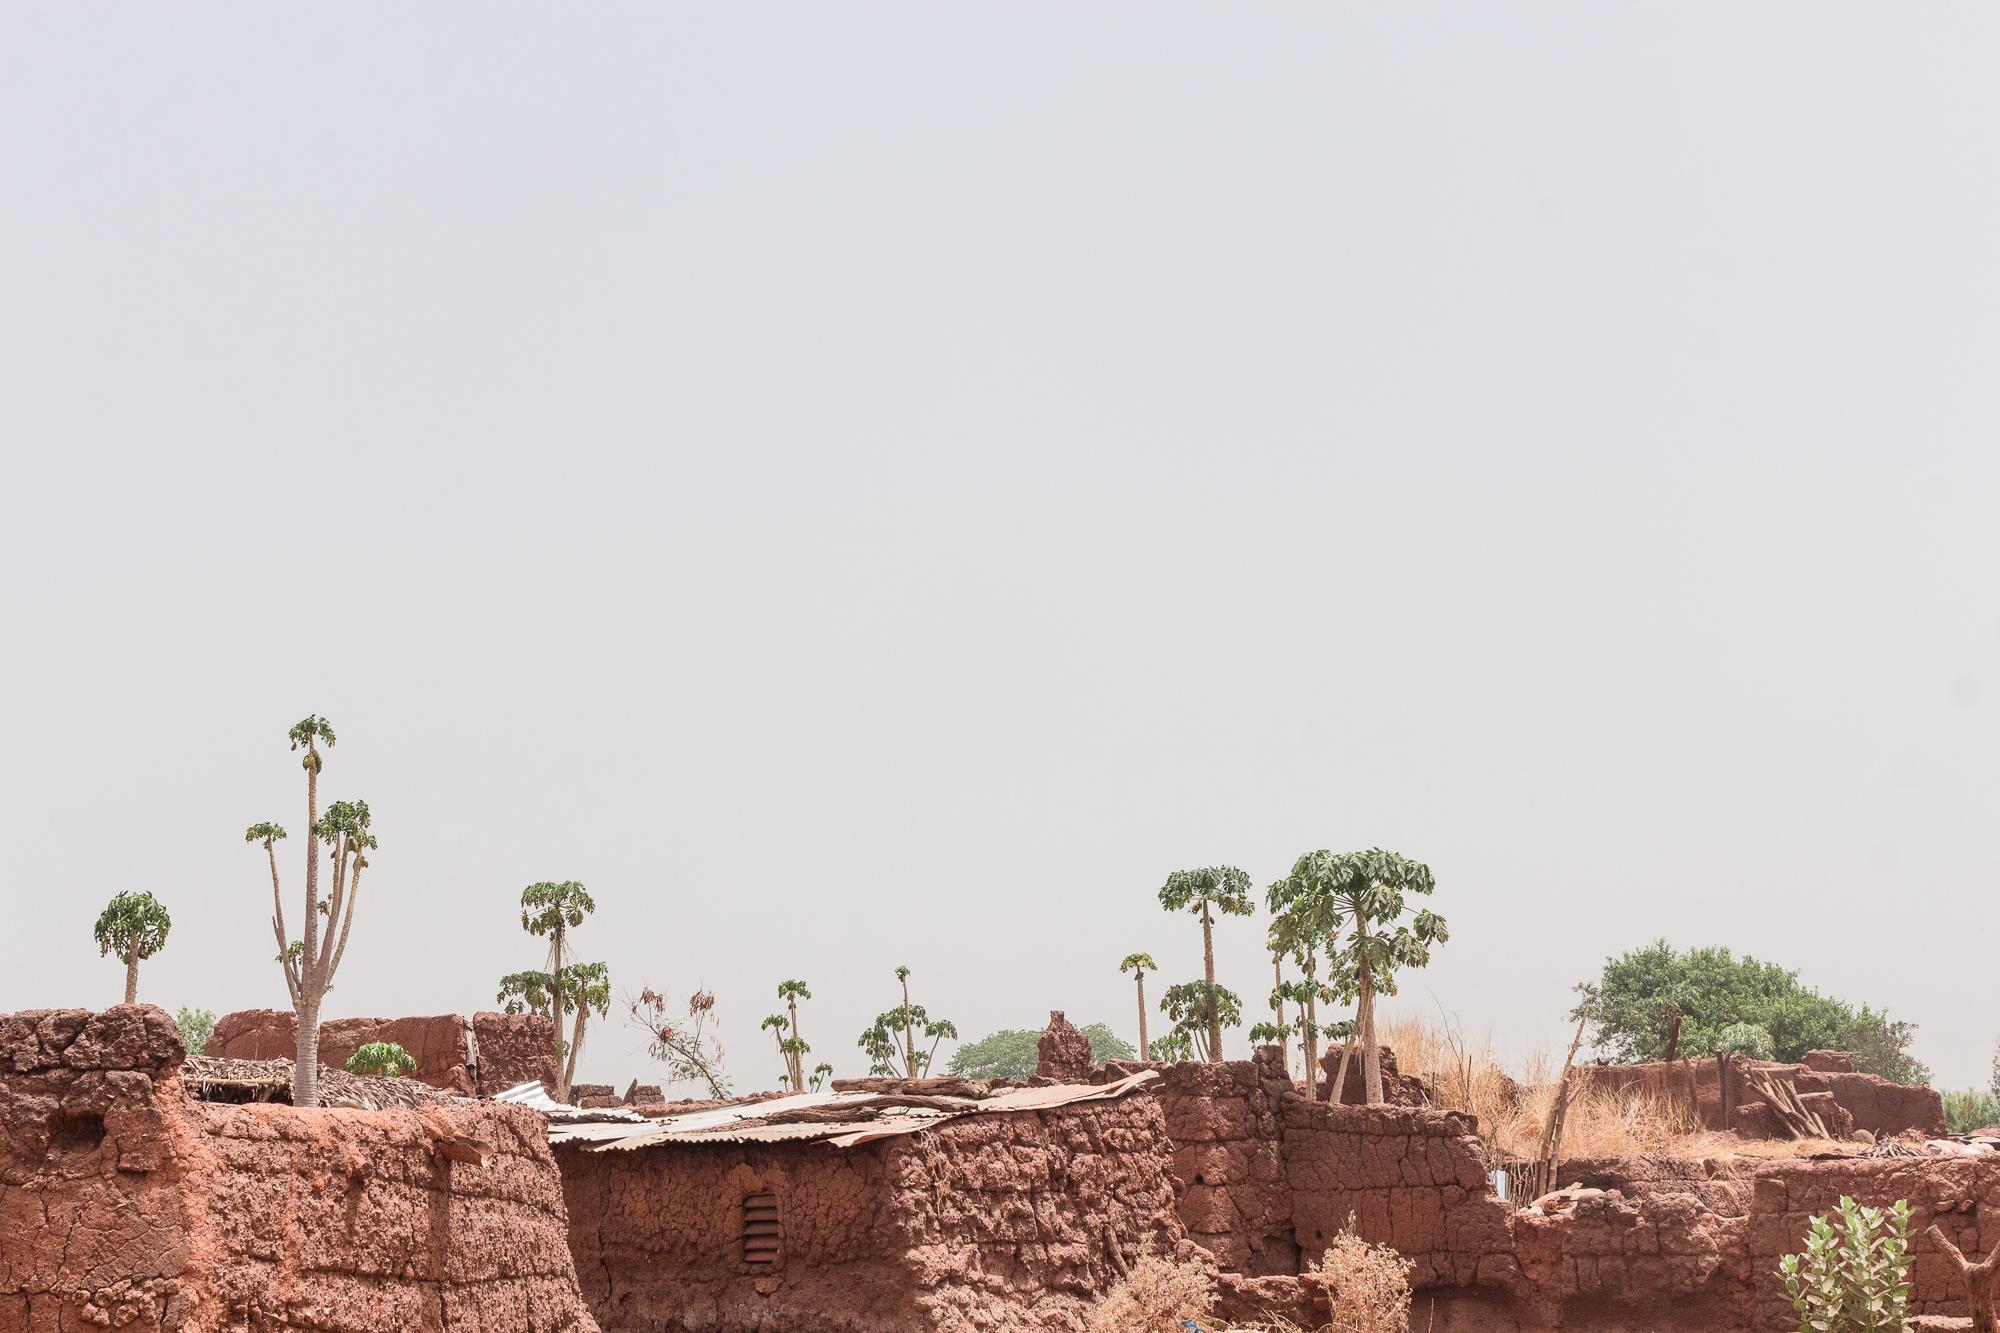 Papayers et cases recouvertes de crépi, village traditionnel Bobo de Koumi, Burkina Faso